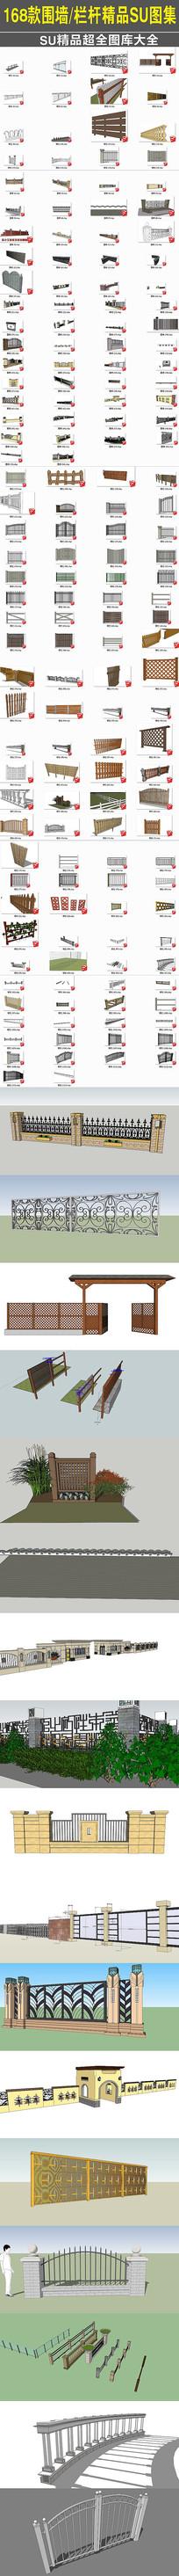 168款景观围墙栏杆篱笆